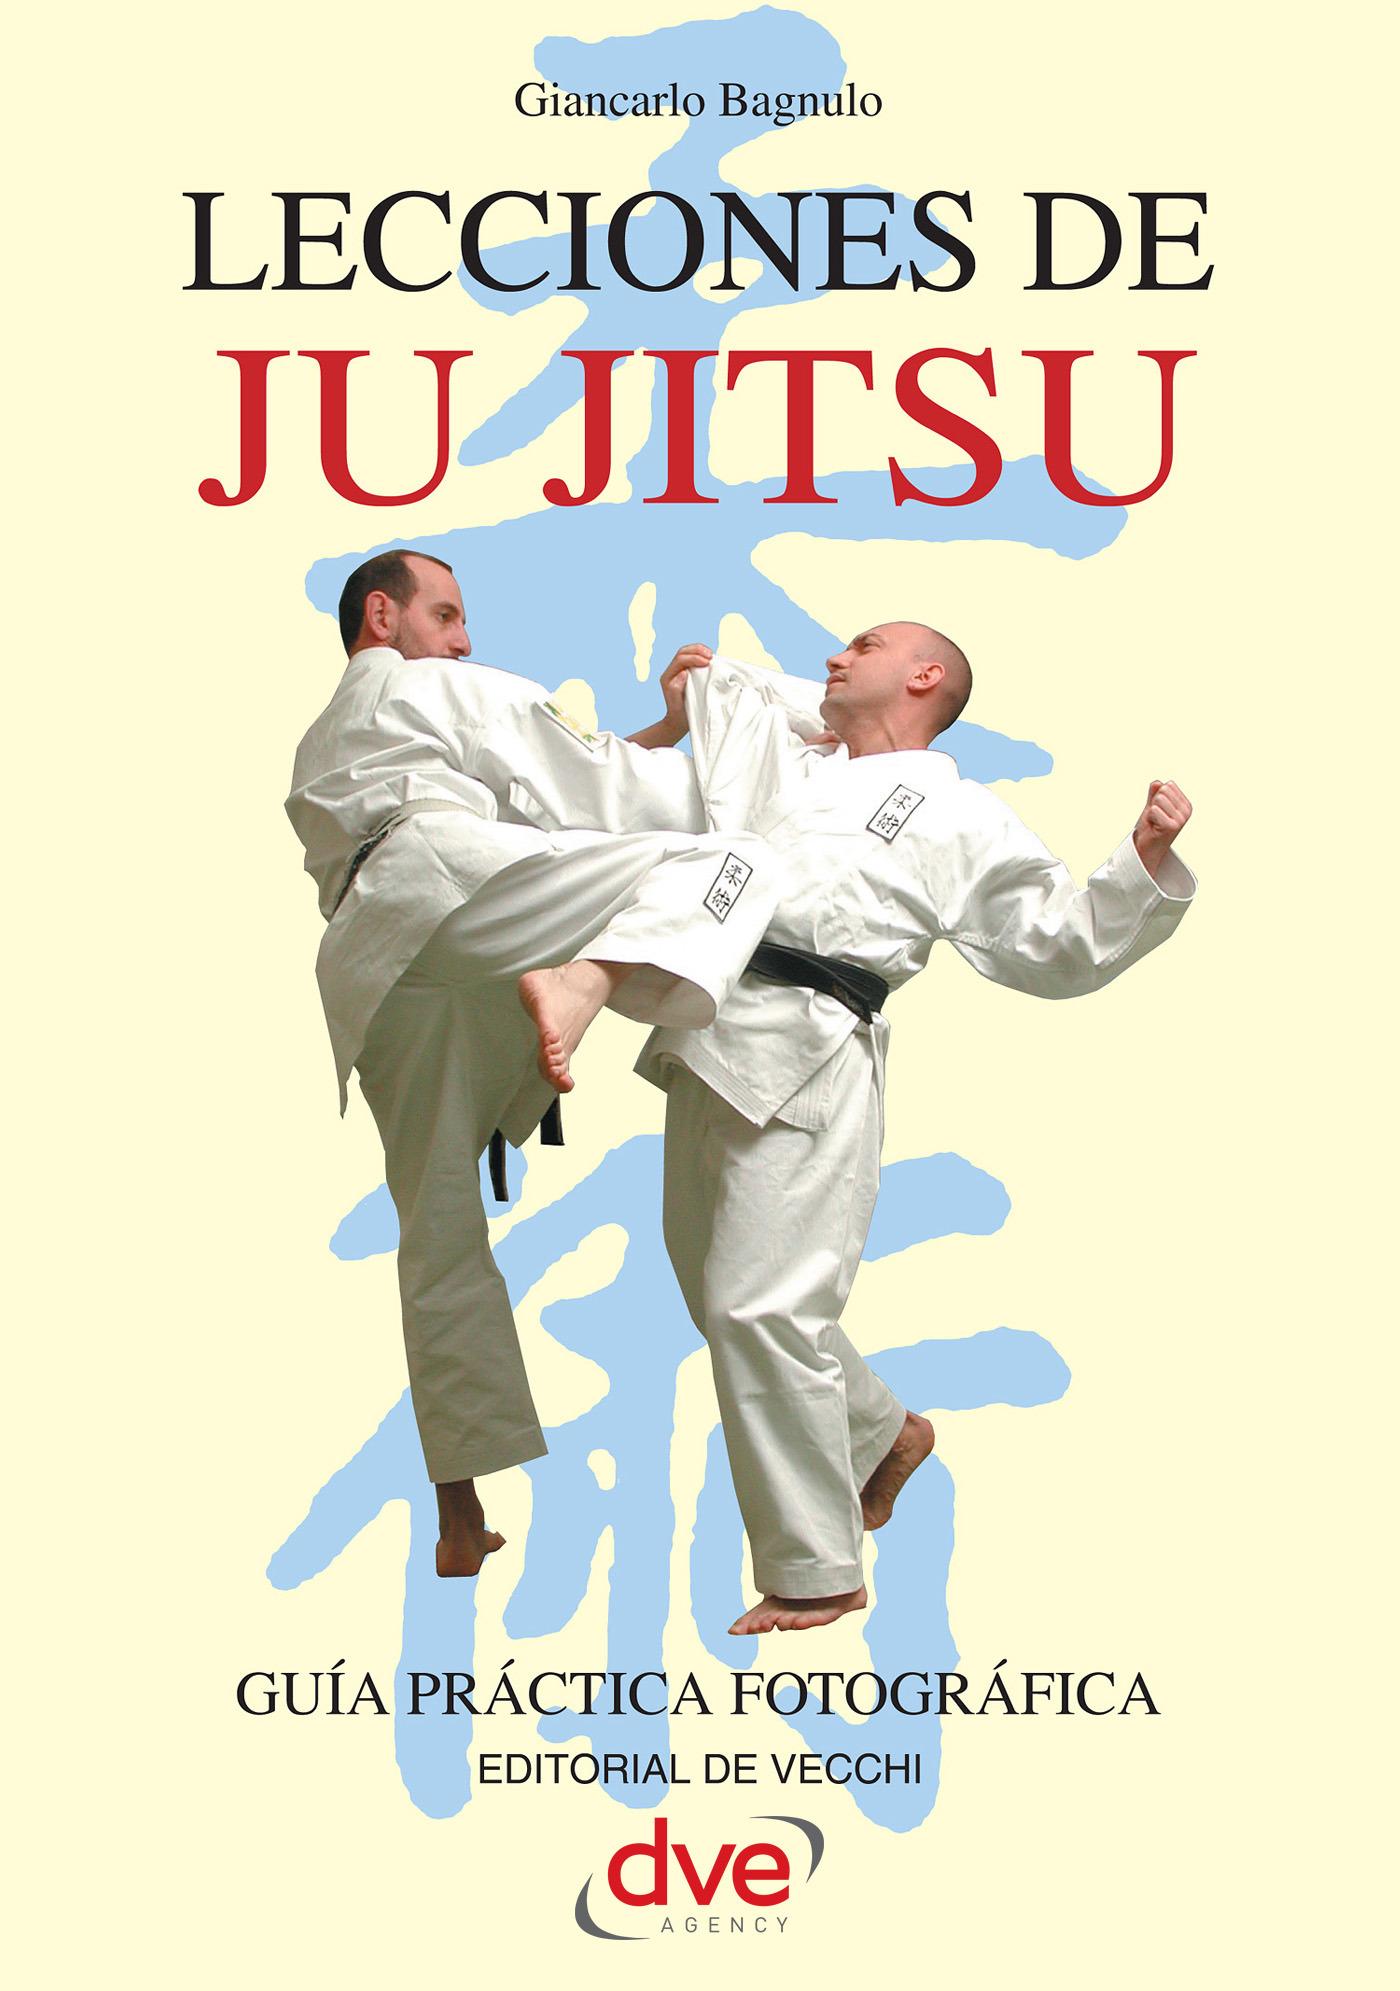 Bagnulo, Giancarlo - Lecciones de Ju Jitsu, ebook